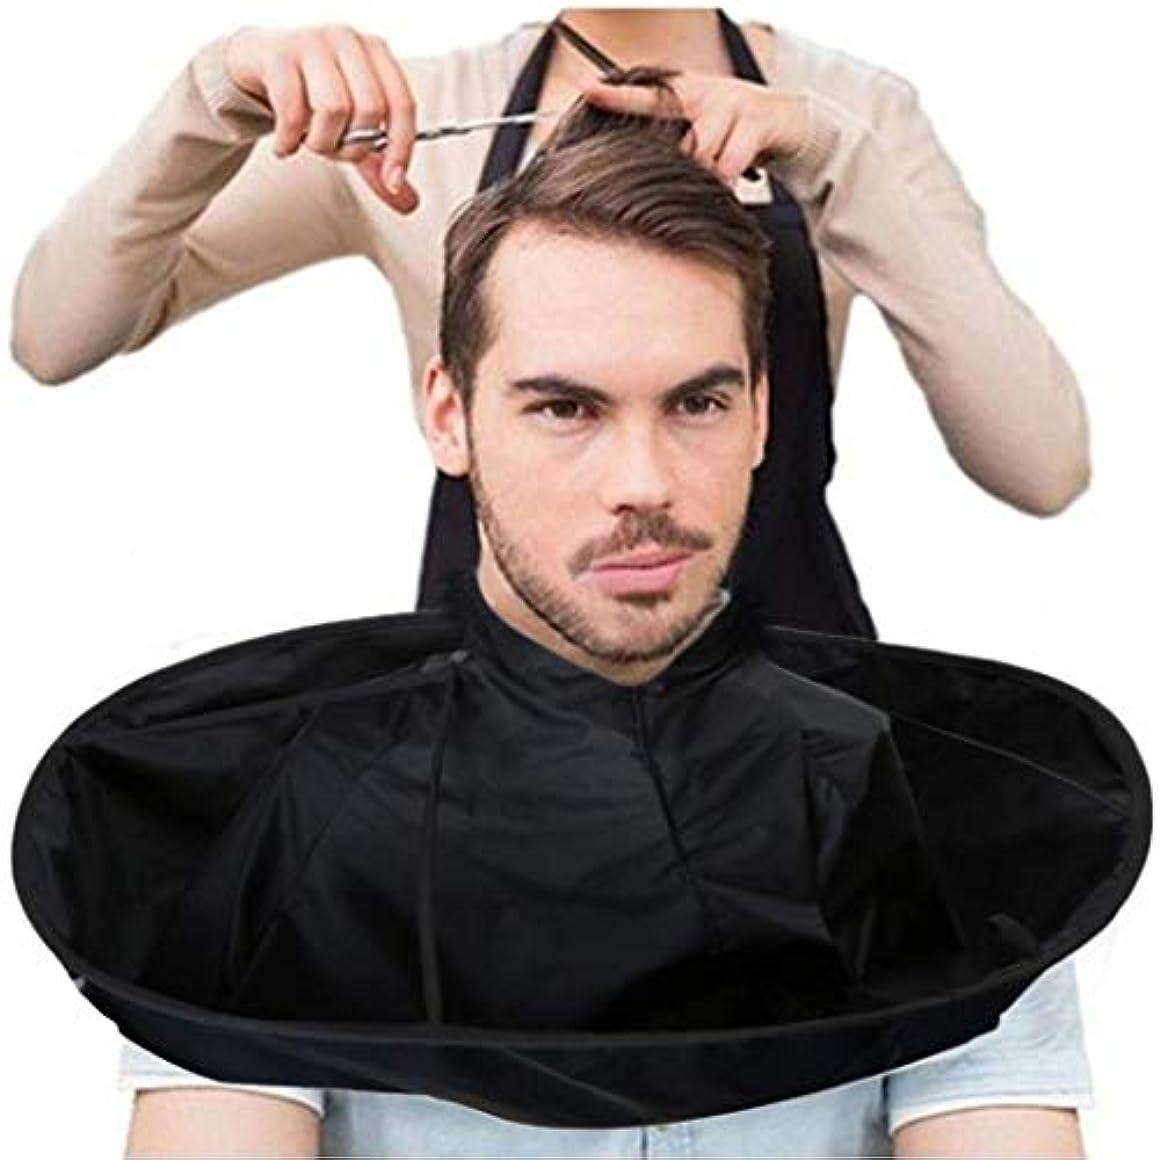 時間厳守ピジンふざけたOrient Direct 美容師のための理髪師のマントの練習のヘアカットのよだれかけのヘアカットのエプロン